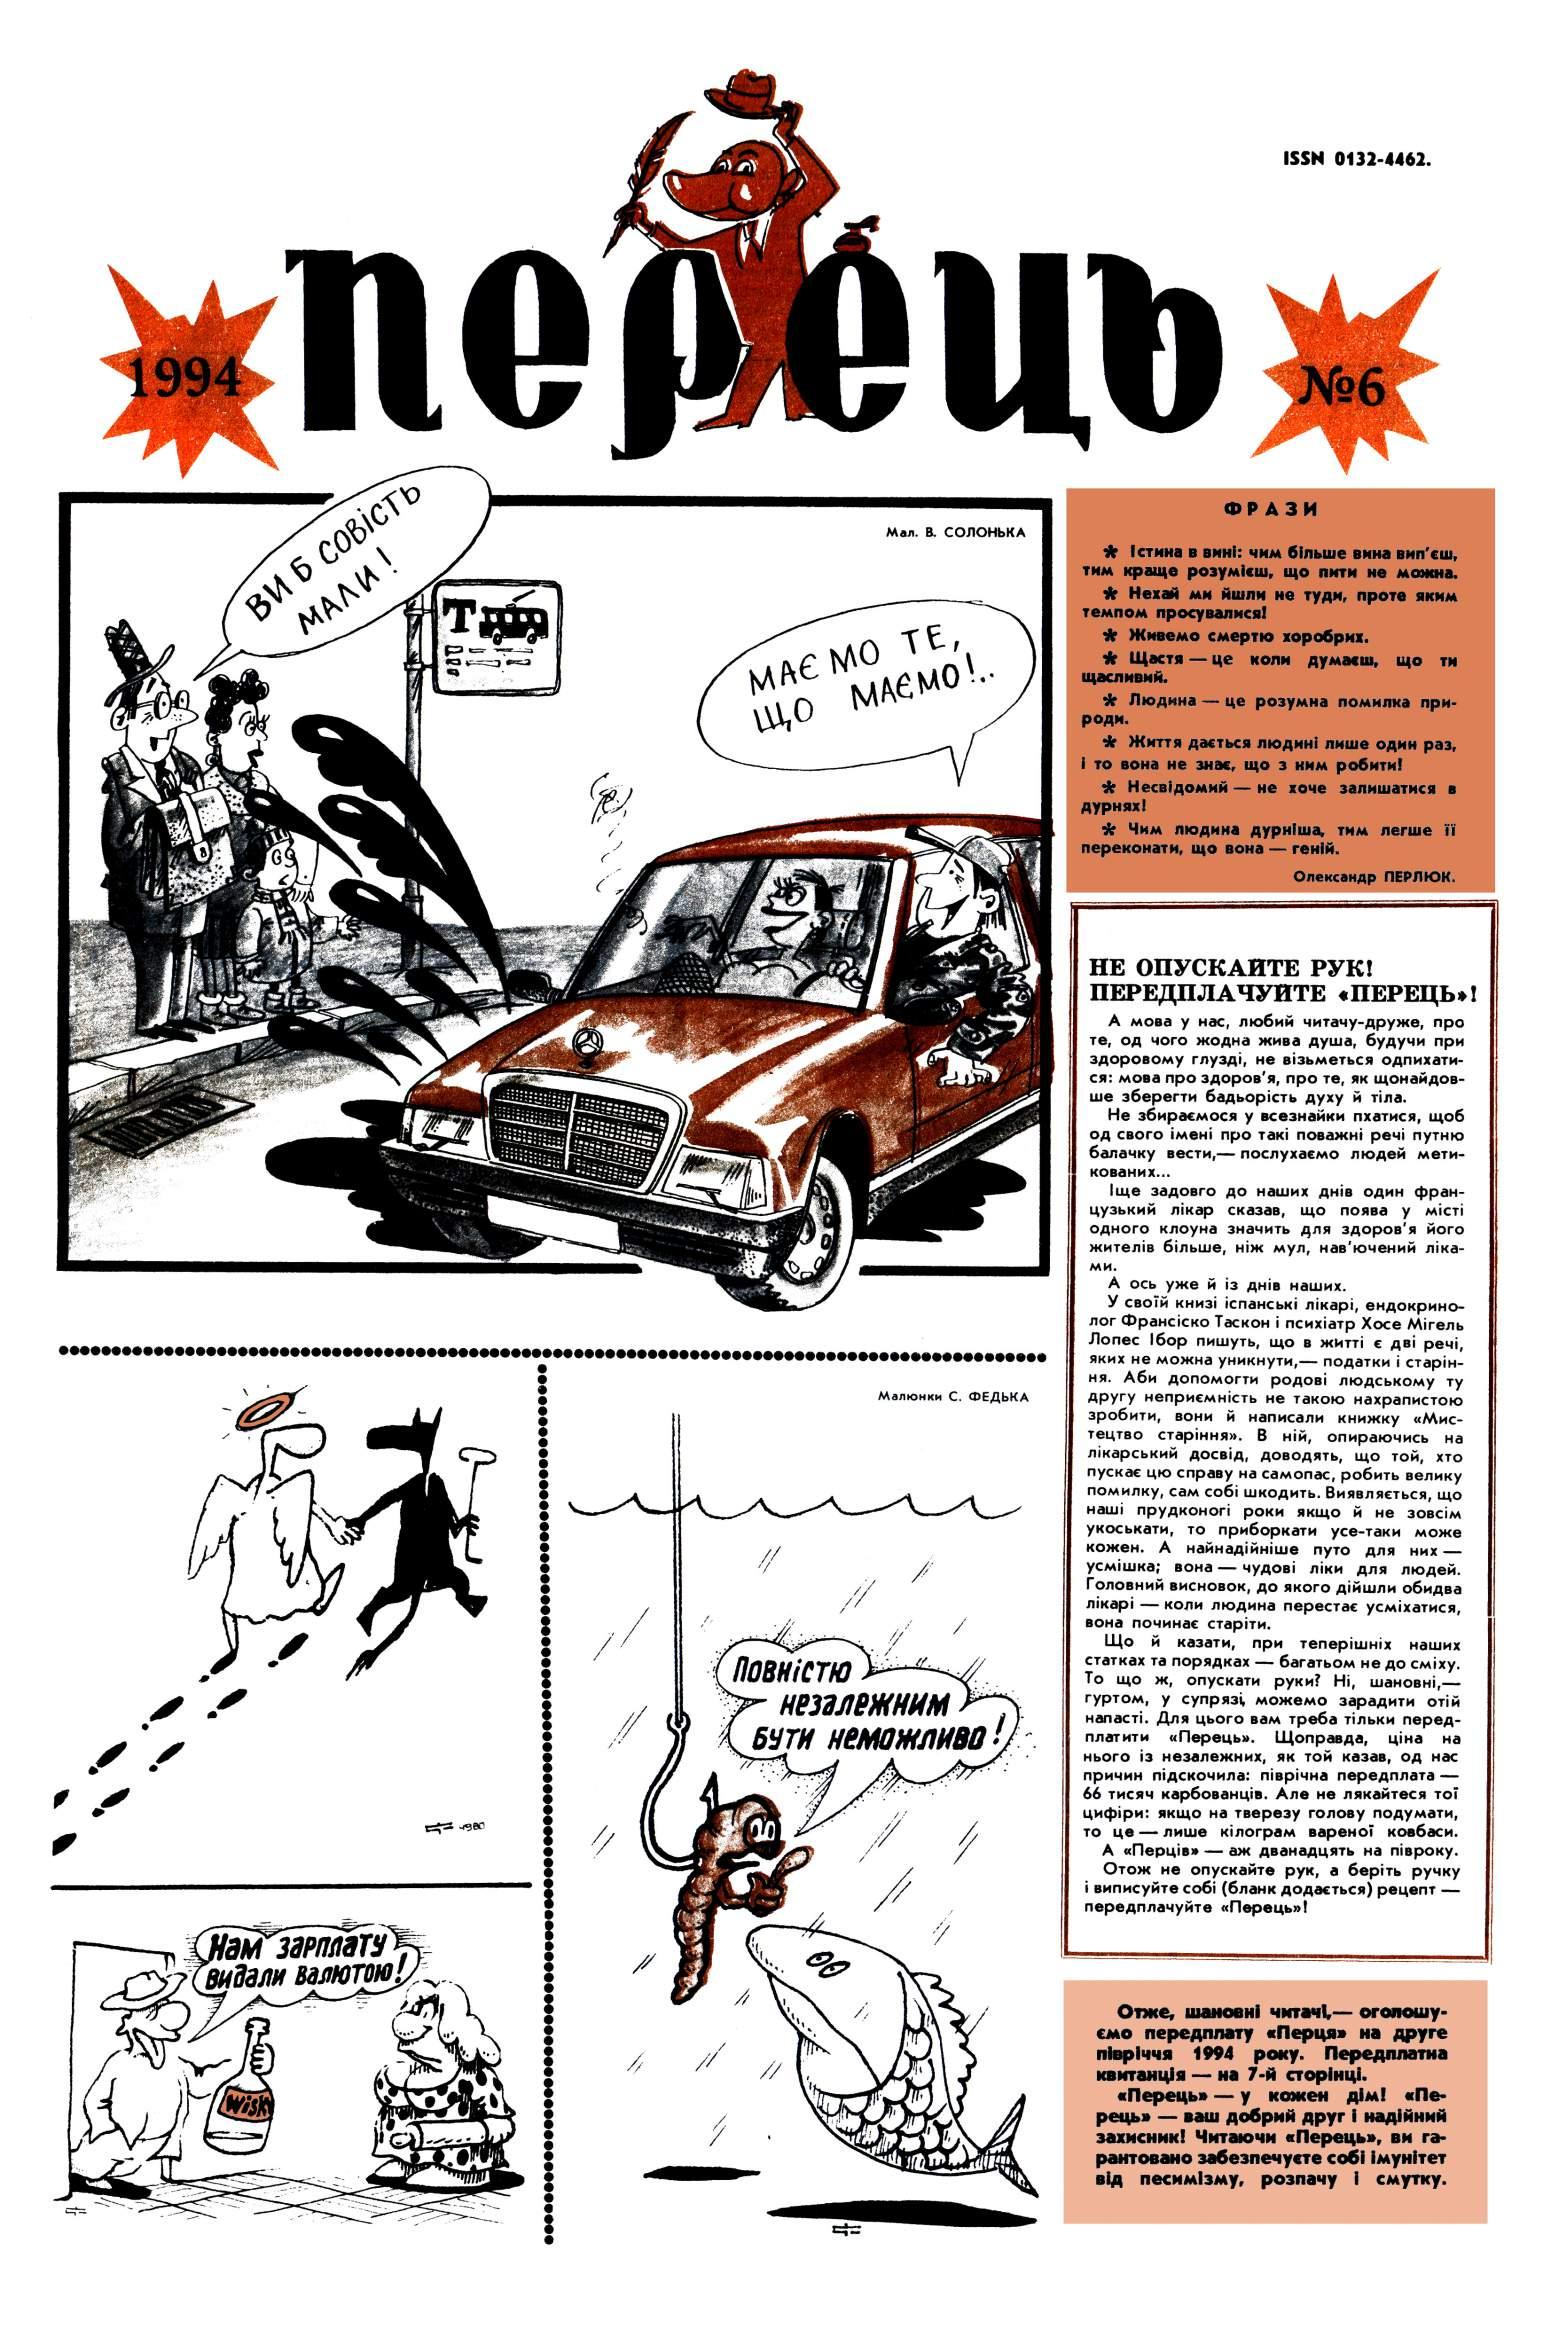 Журнал перець 1994 №06